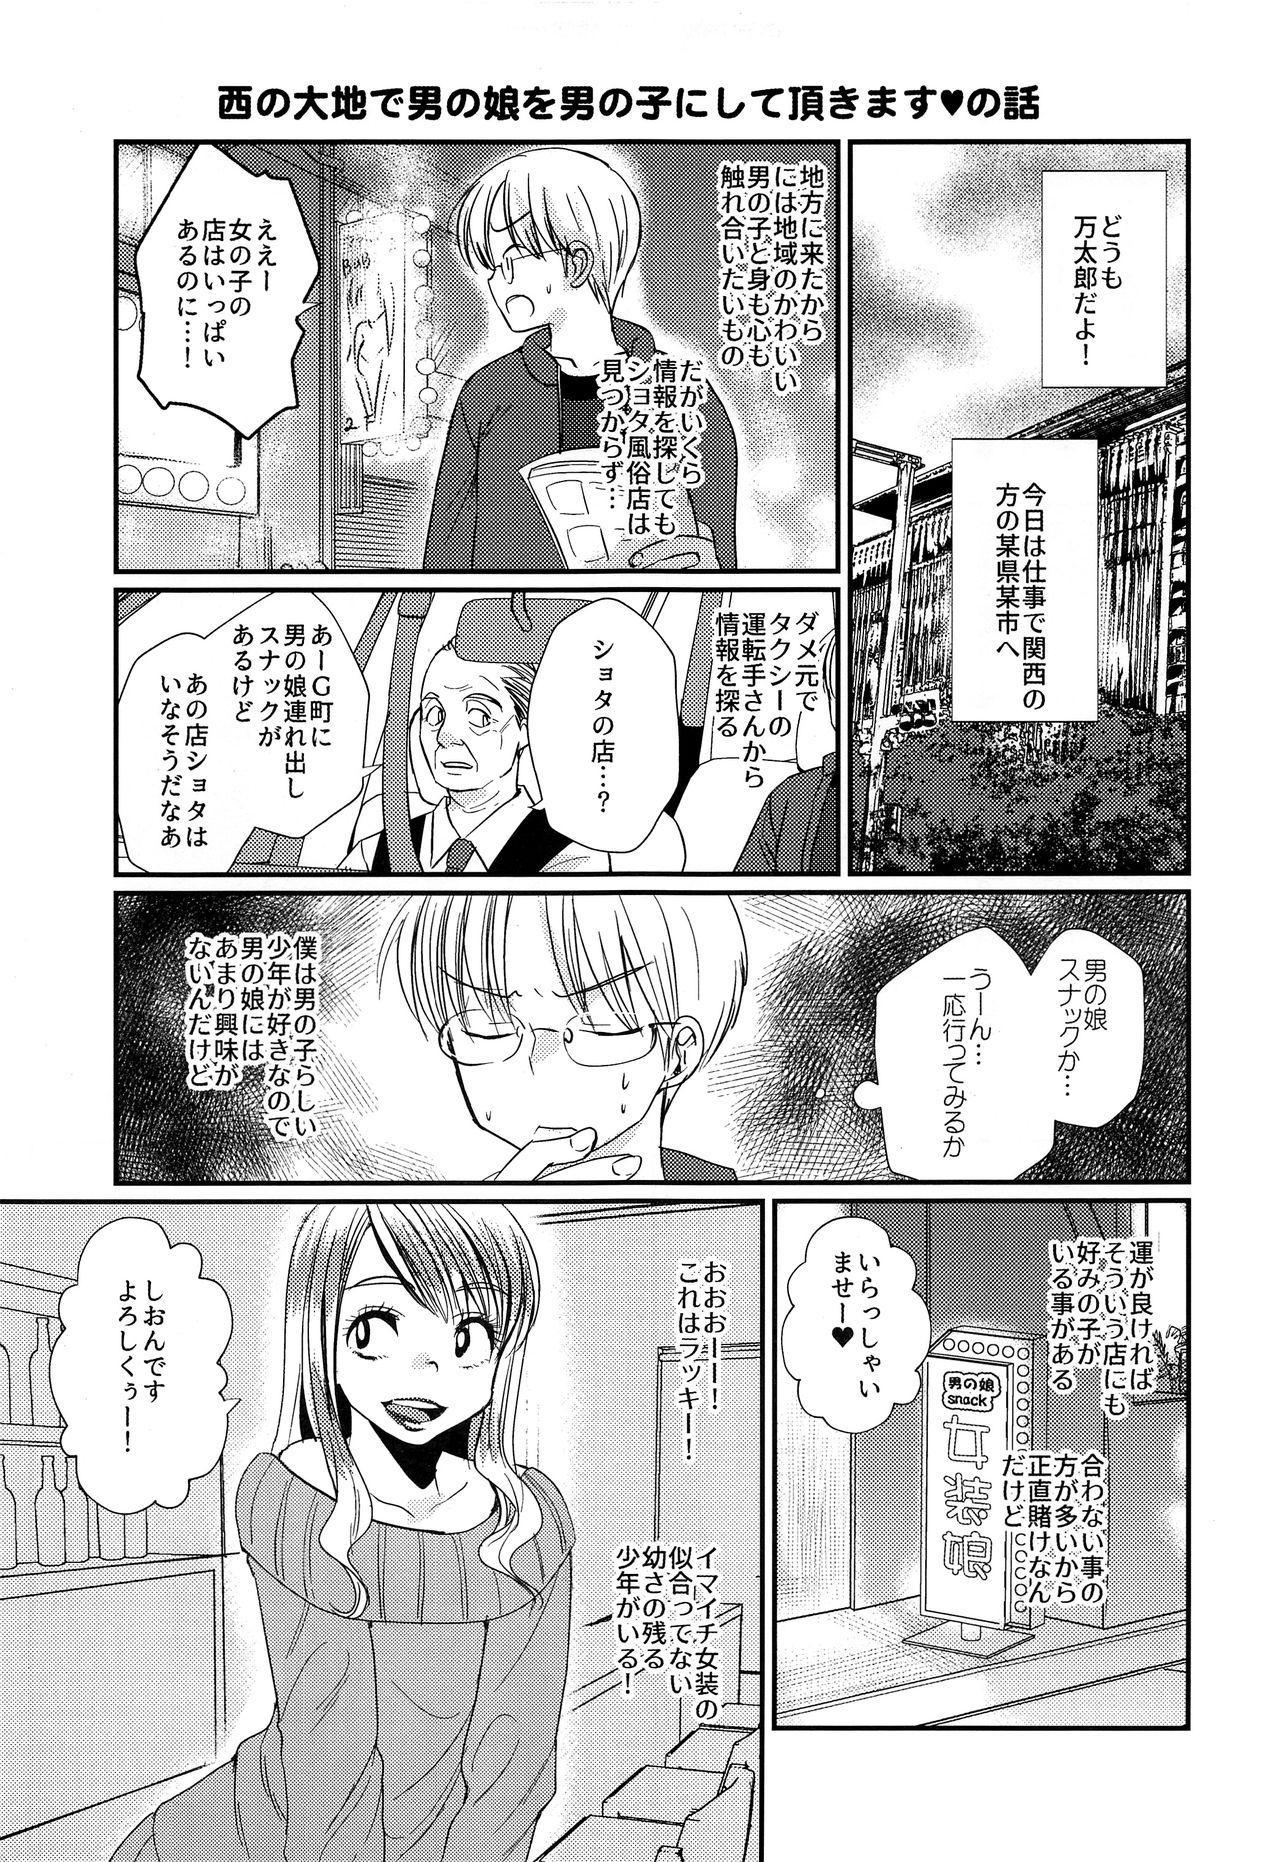 Tokumori! Shota Fuuzoku Saizensen 10